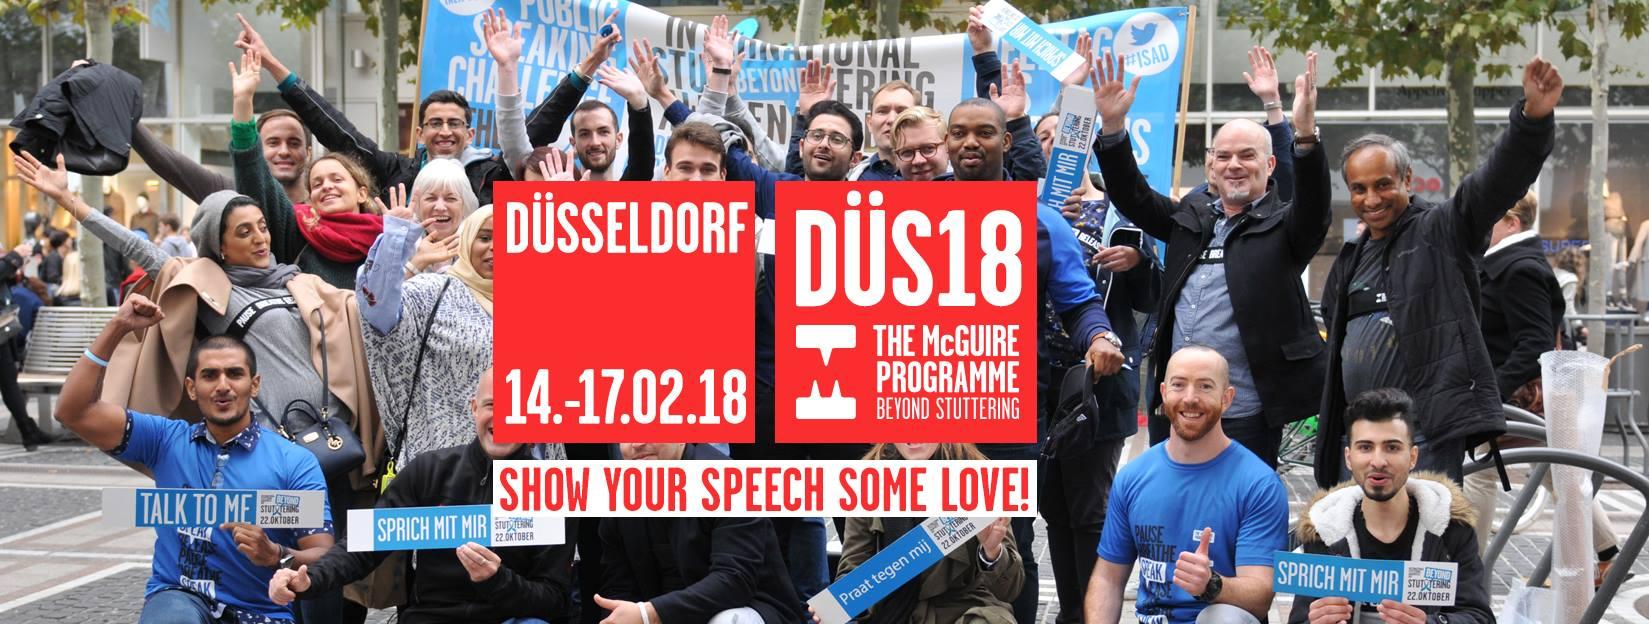 Beyond Stuttering Course in Düsseldorf NRW18